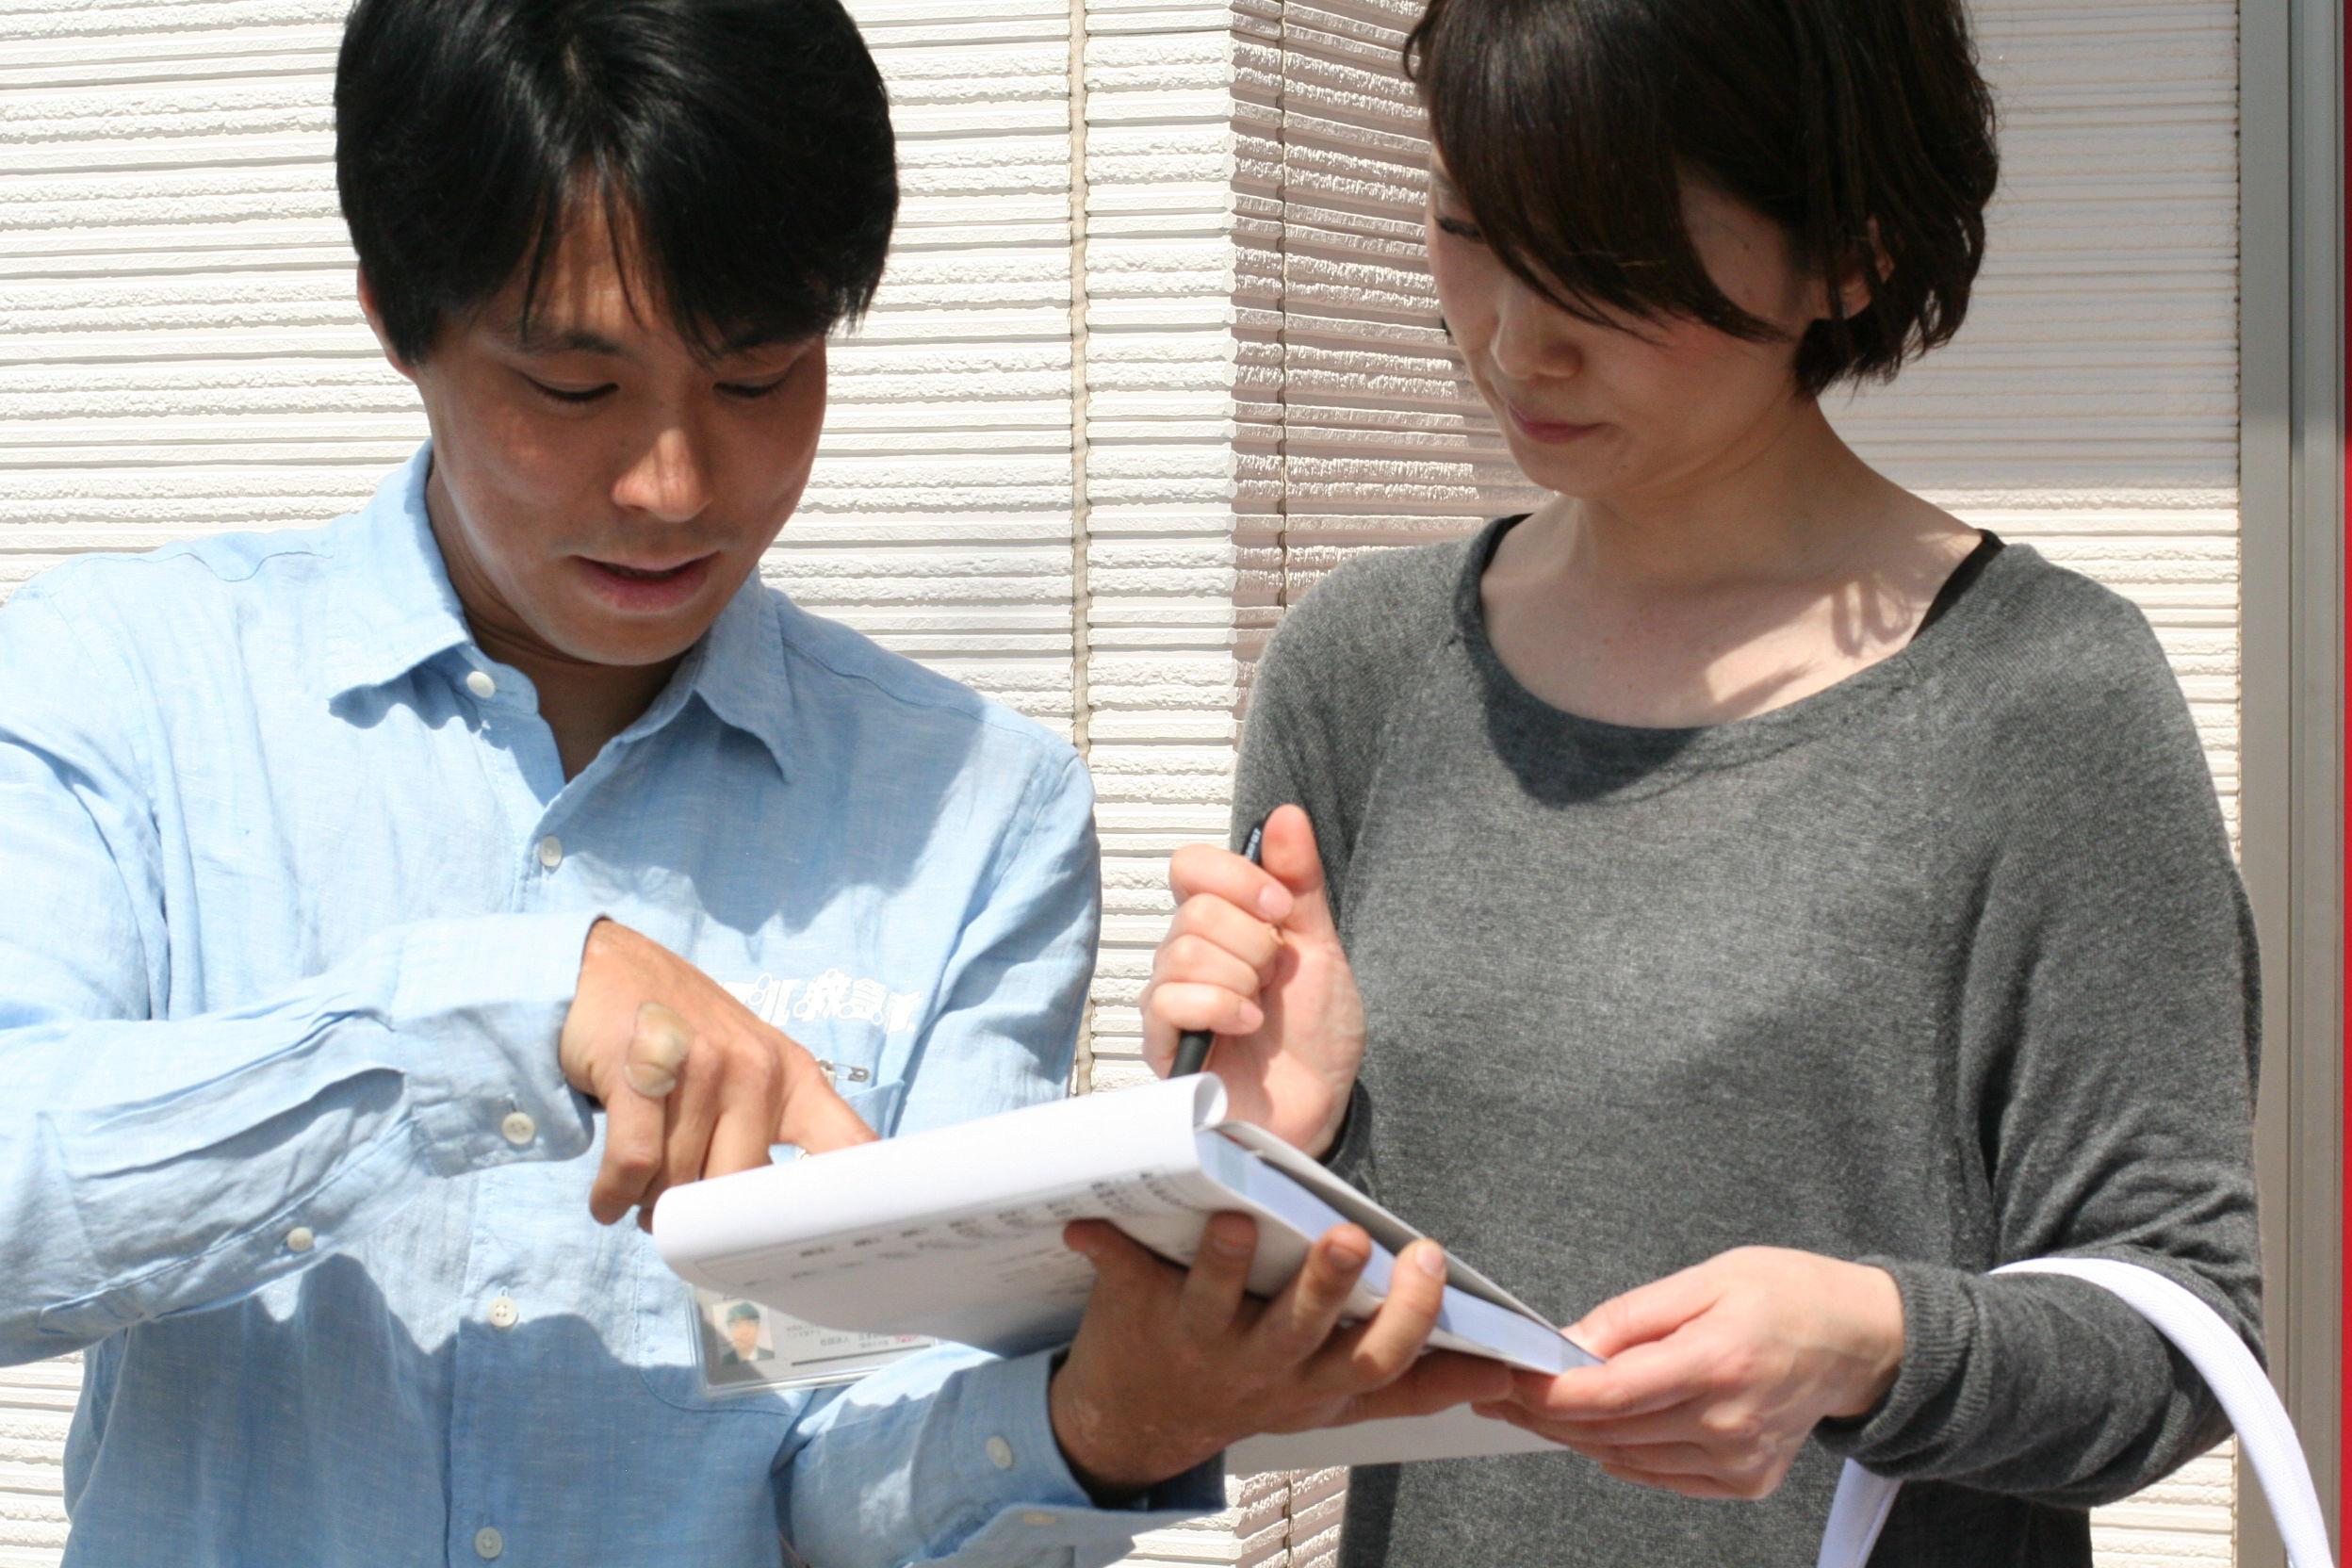 鍵のトラブル救急車【宇土市 出張エリア】のメイン画像